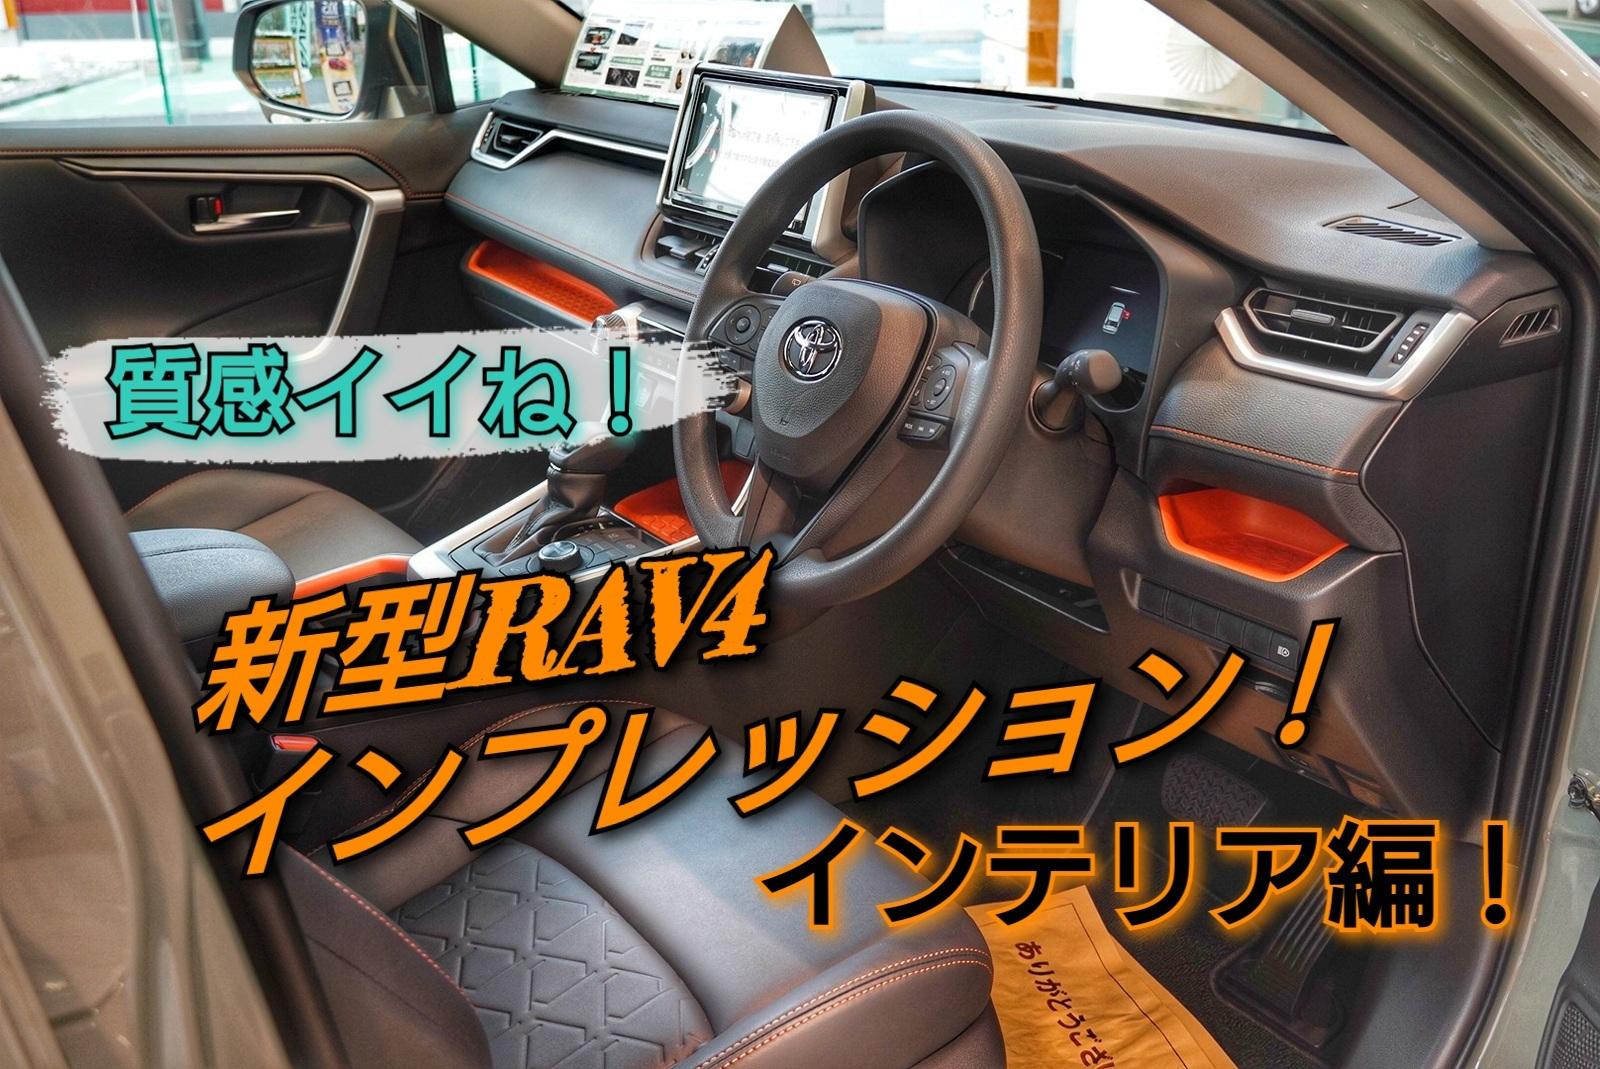 画像大量www【内装の評価は?】インテリア編!新型RAV4インプレッション!